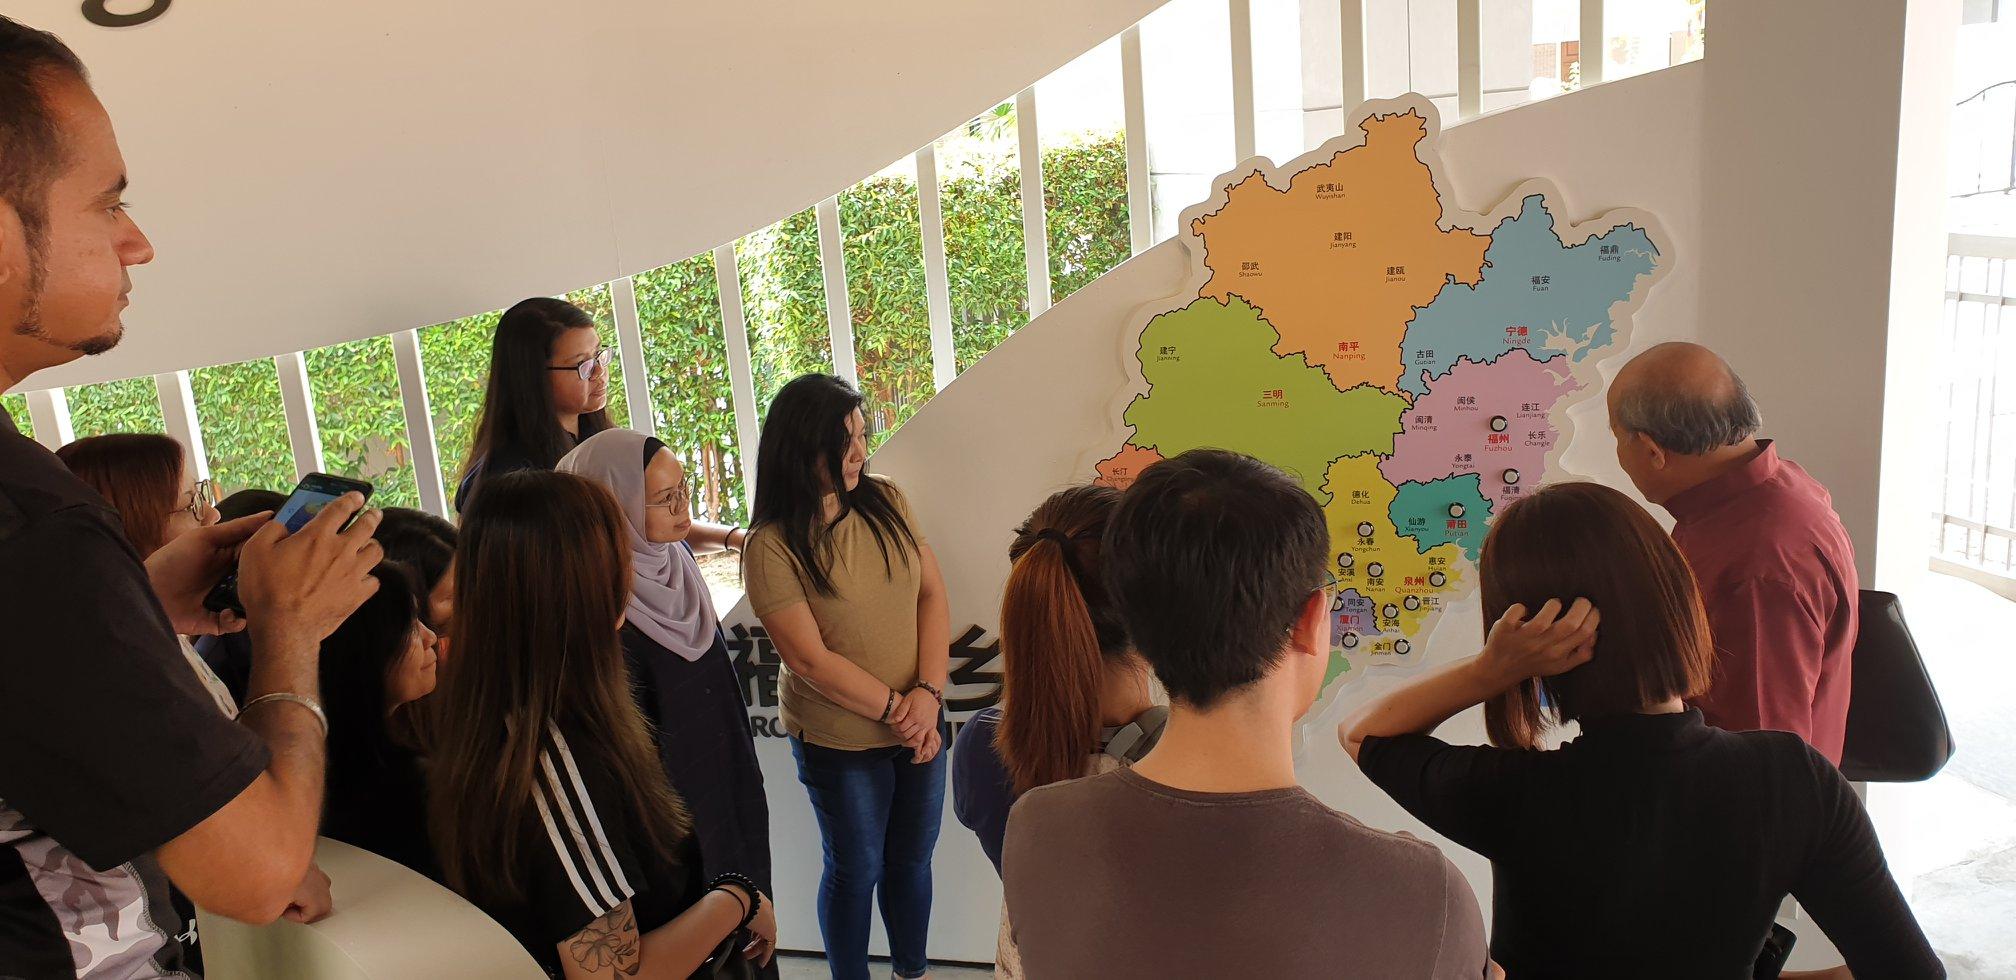 (Hokkien) Minnan Map